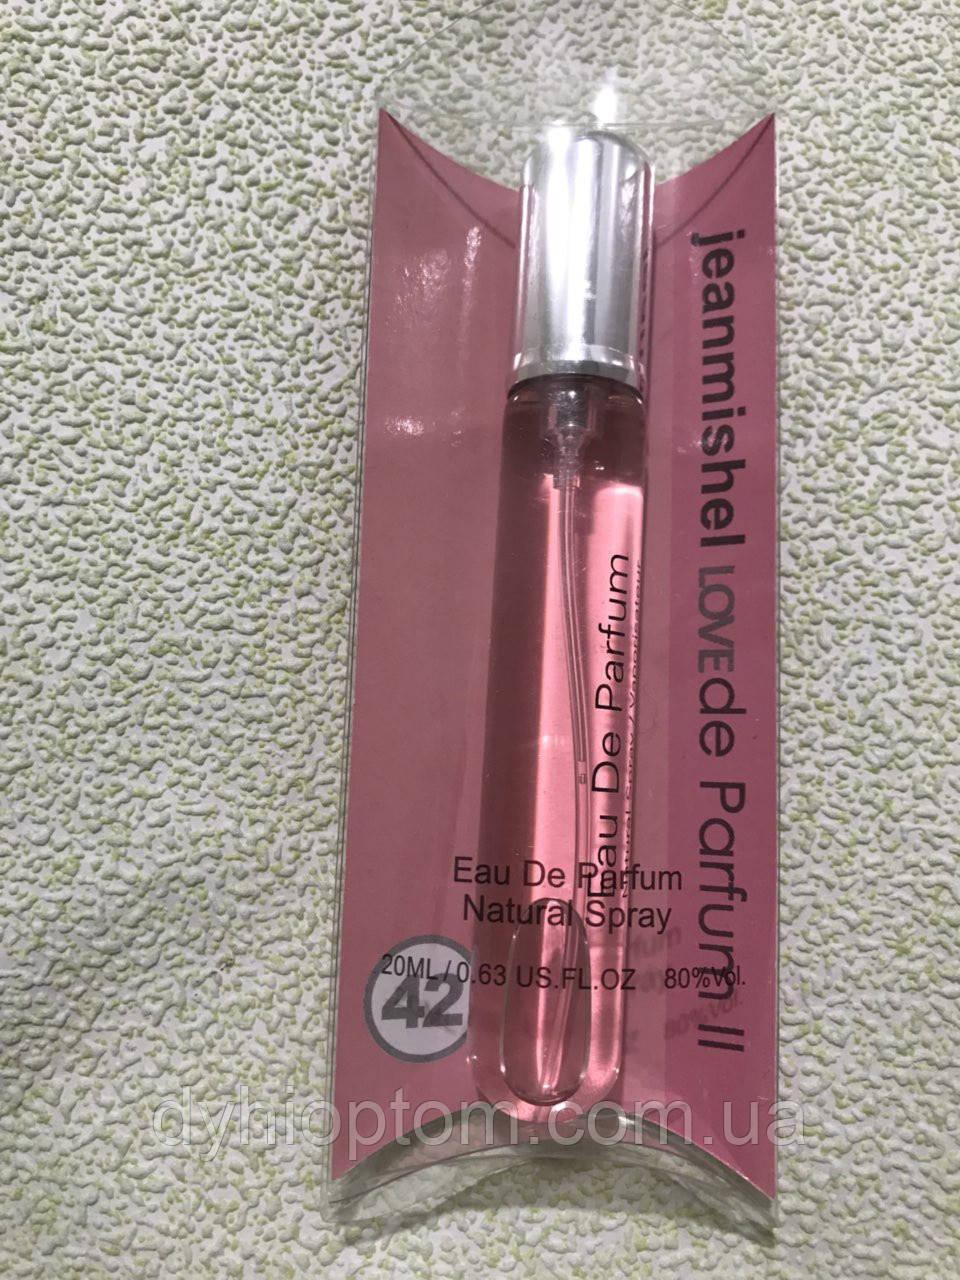 Жіночі міні парфуми jeanmishel Love Parfume II Pink оптом 20ml